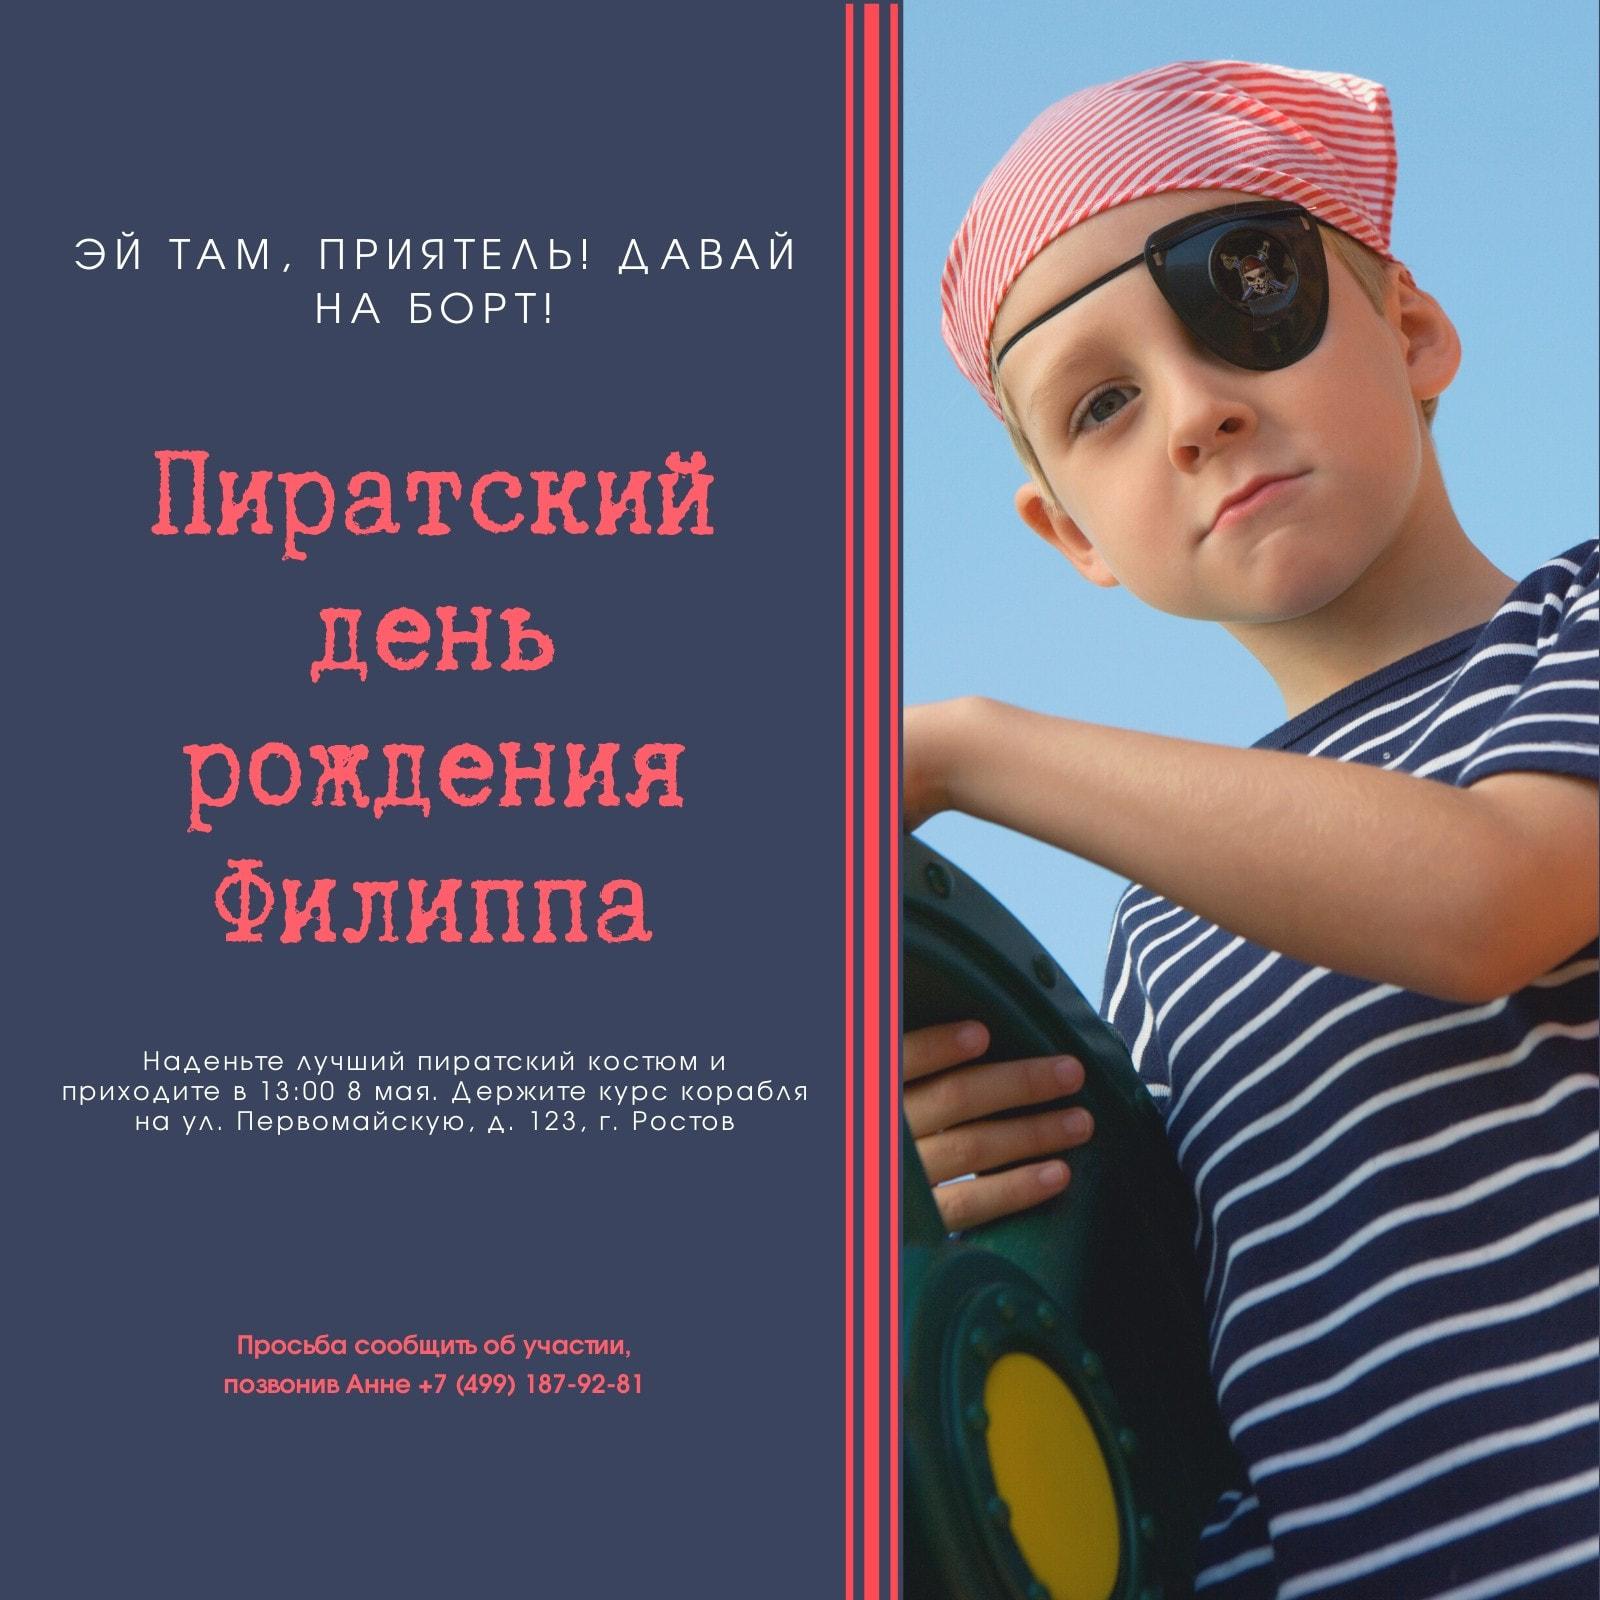 Синее Фотография Ребенка Пиратская Вечеринка Приглашение